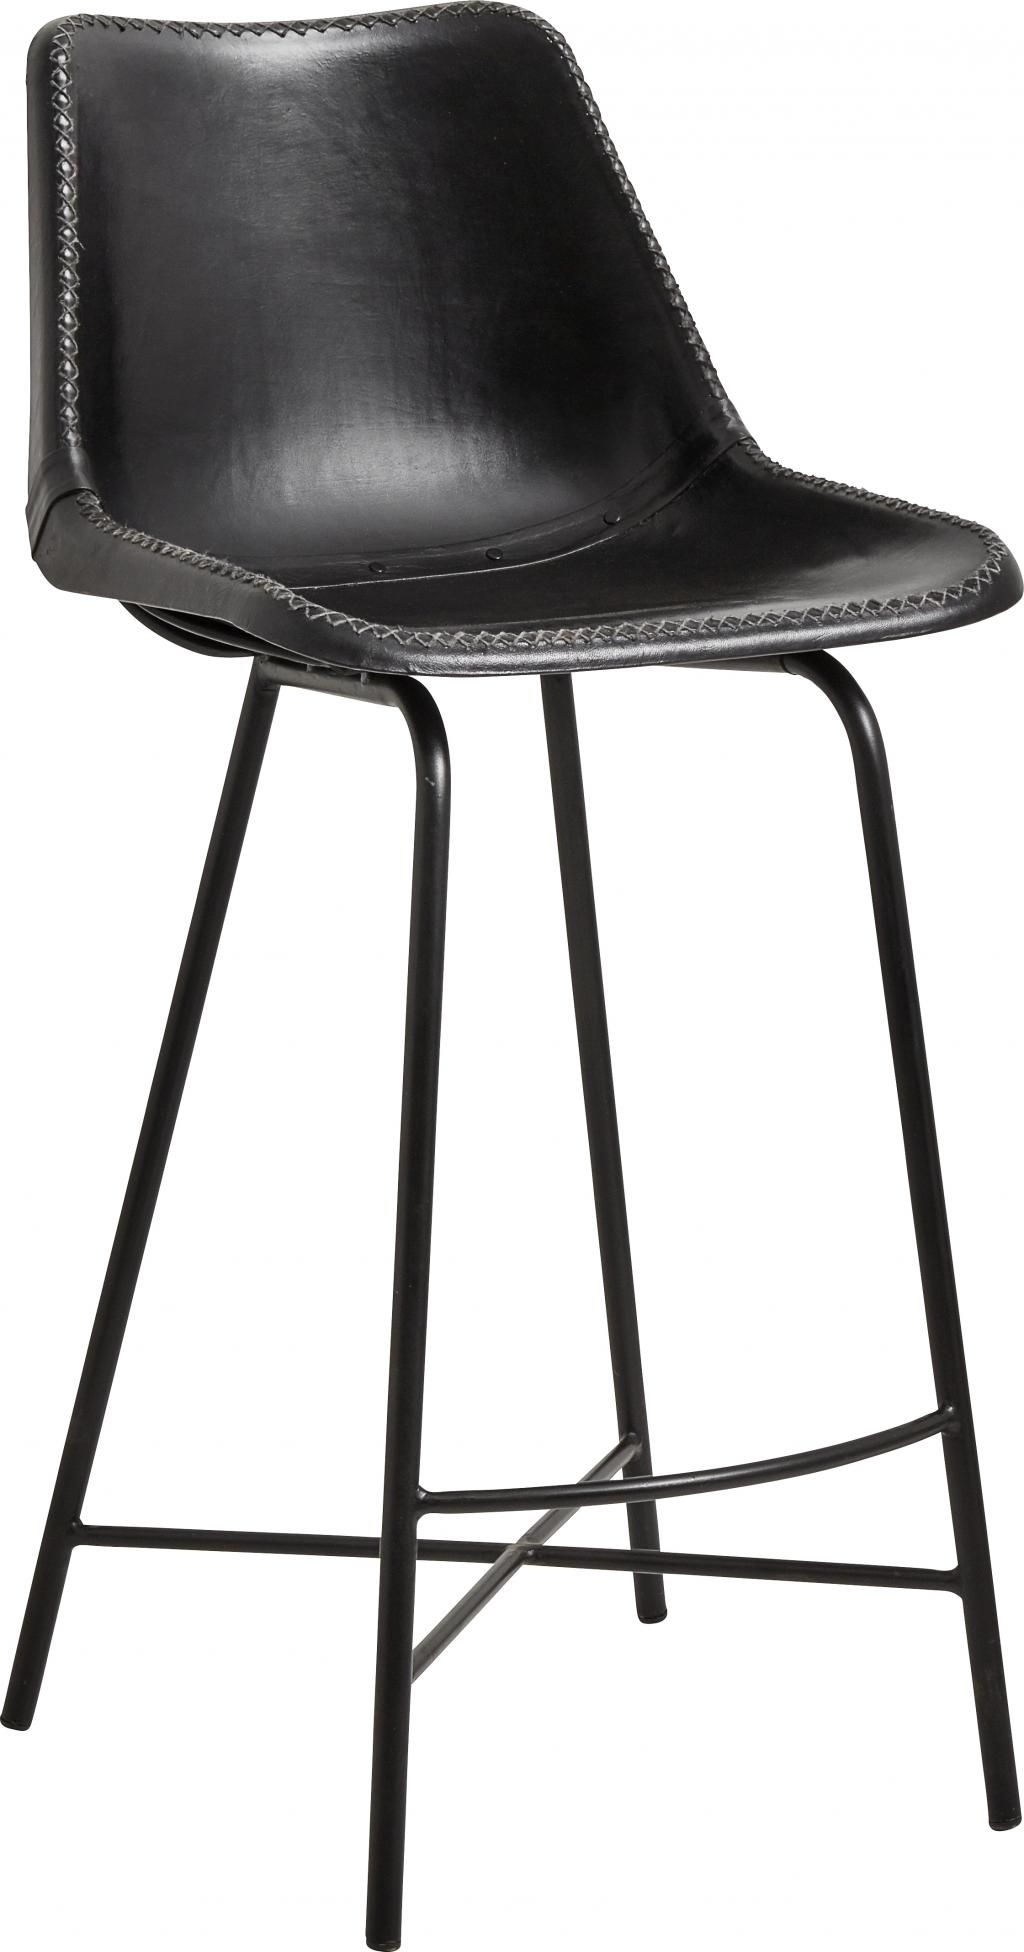 nordal barhocker leder schwarz 99x46 cm. Black Bedroom Furniture Sets. Home Design Ideas